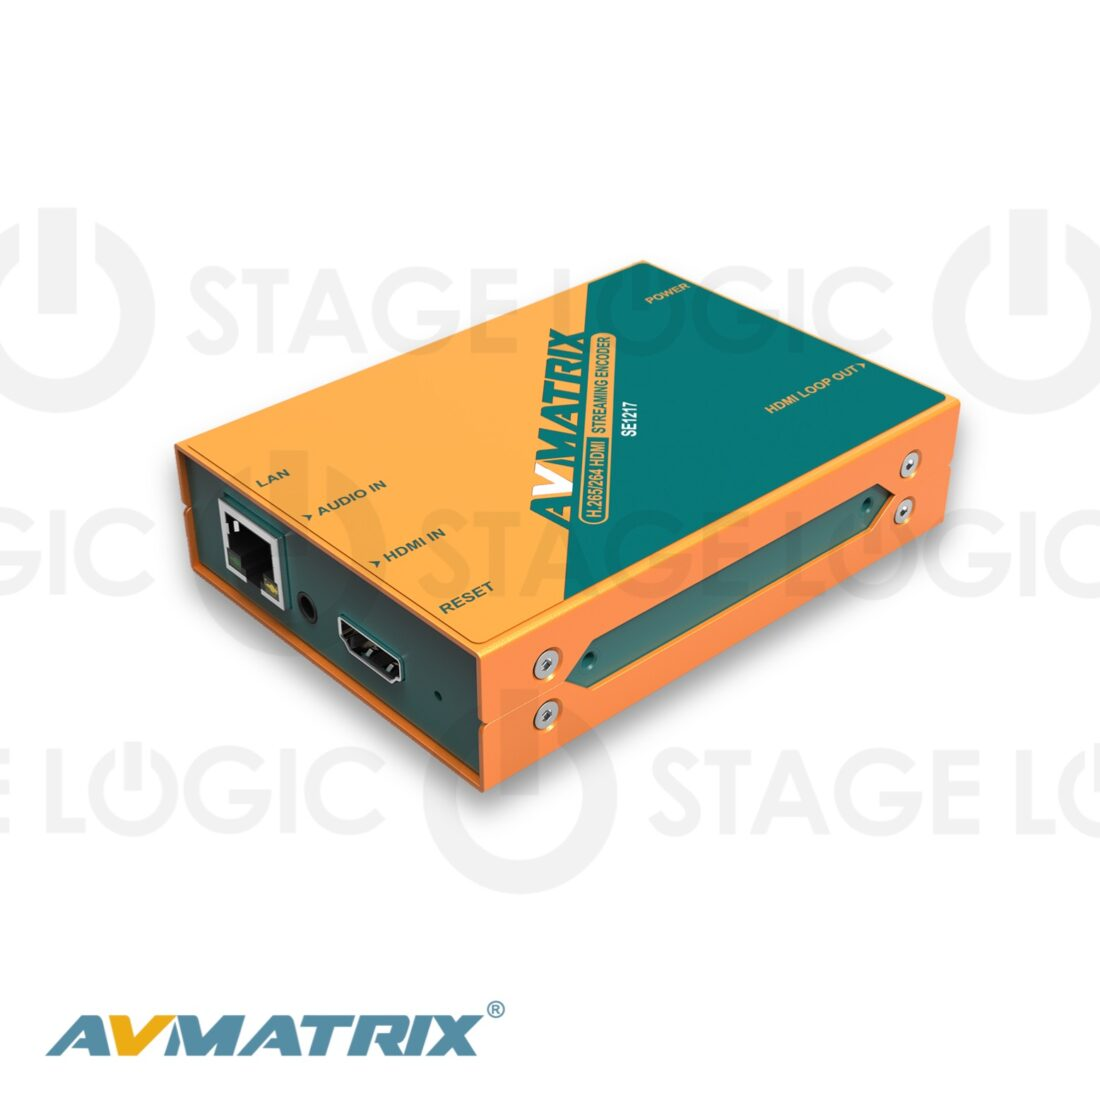 AVMATRIX SE1217